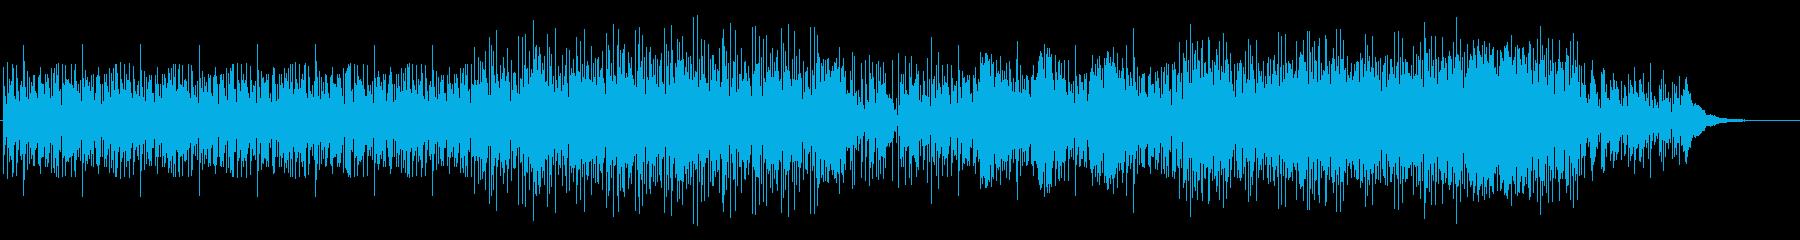 謎めいたエスニックドラムの再生済みの波形